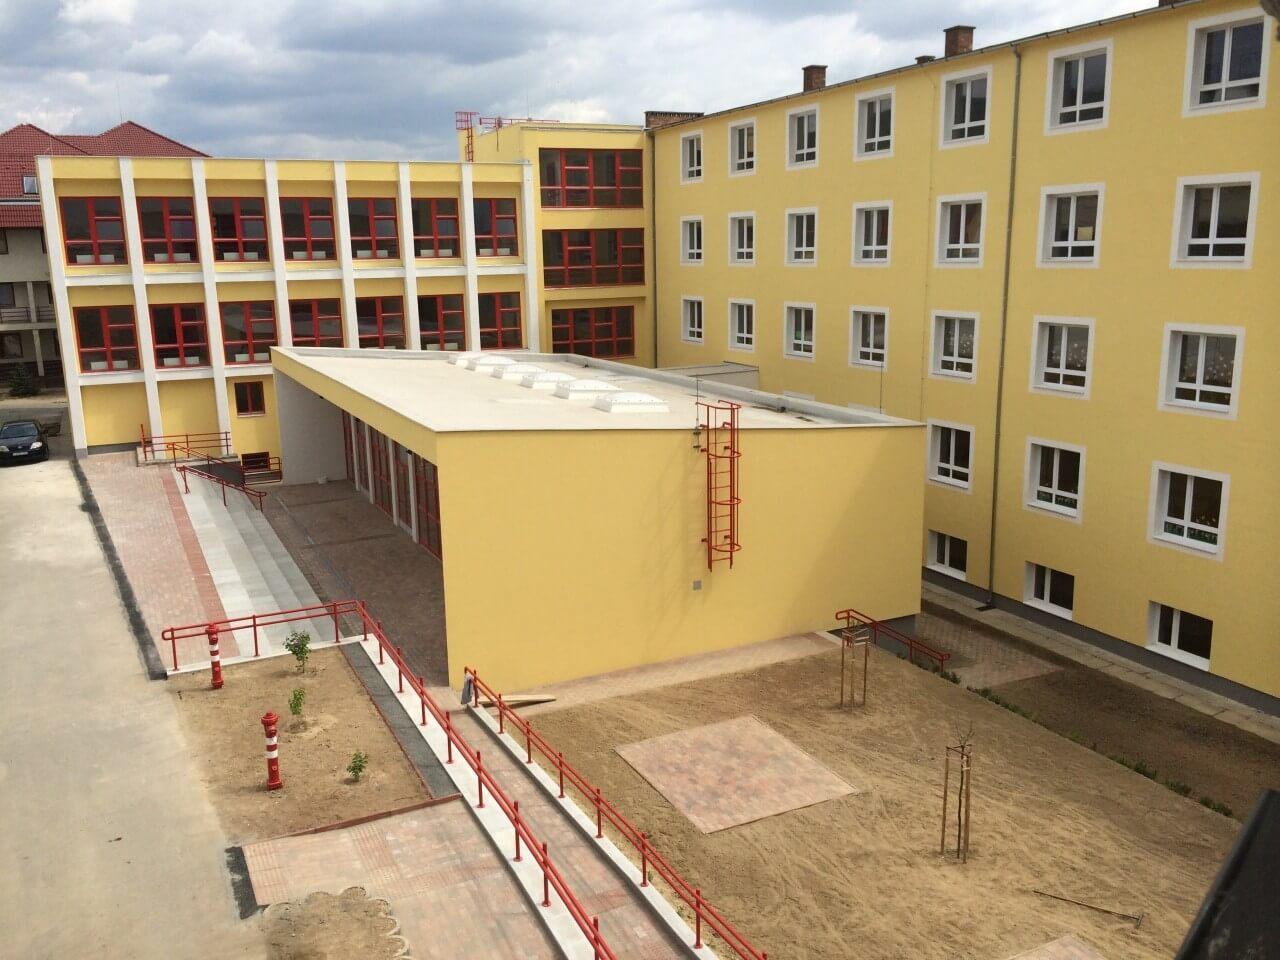 Új tantermekkel bővül Pécs német iskolája